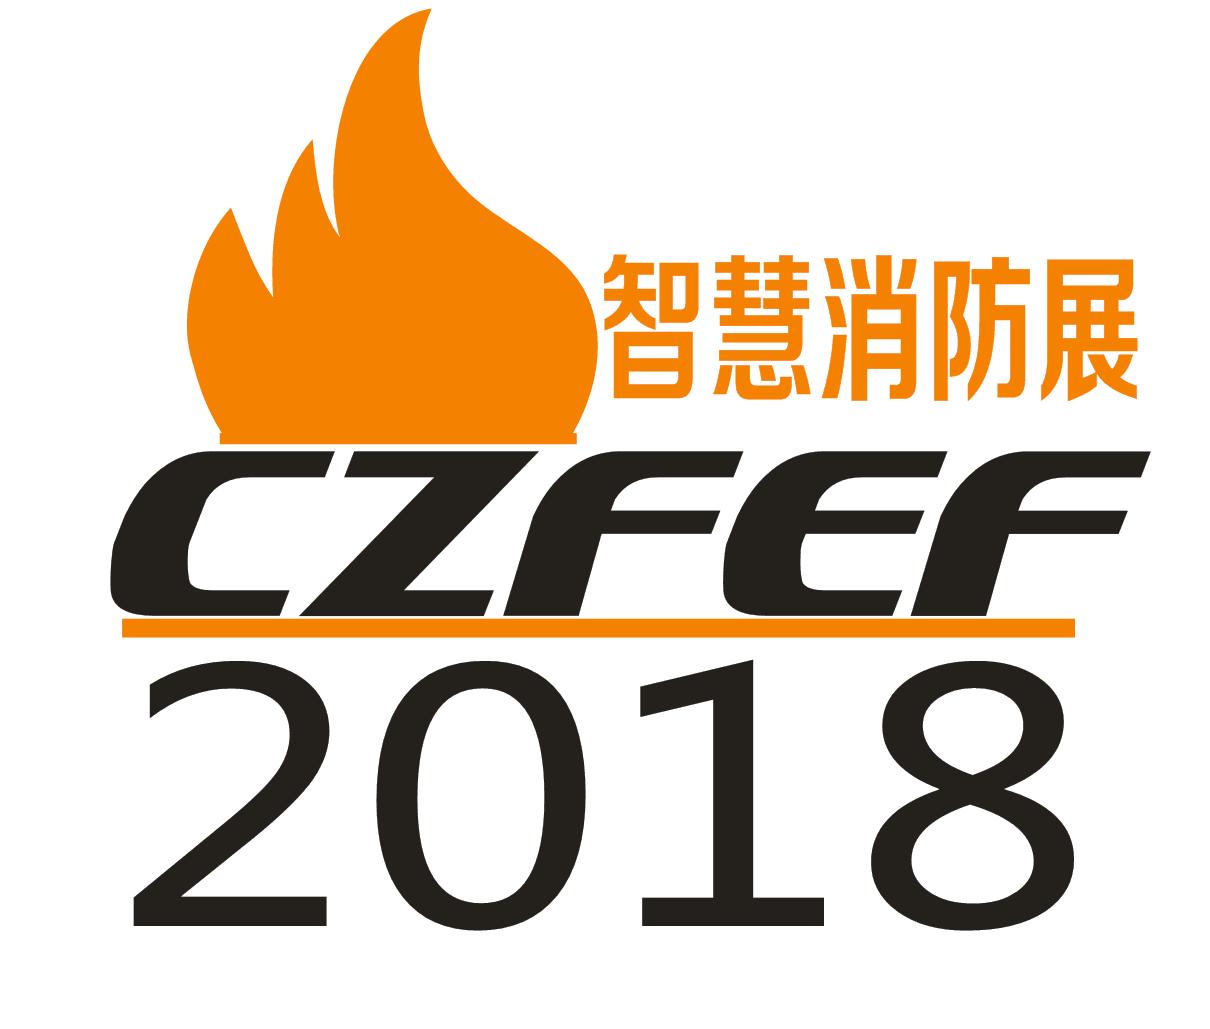 2018消防展2018消防展会